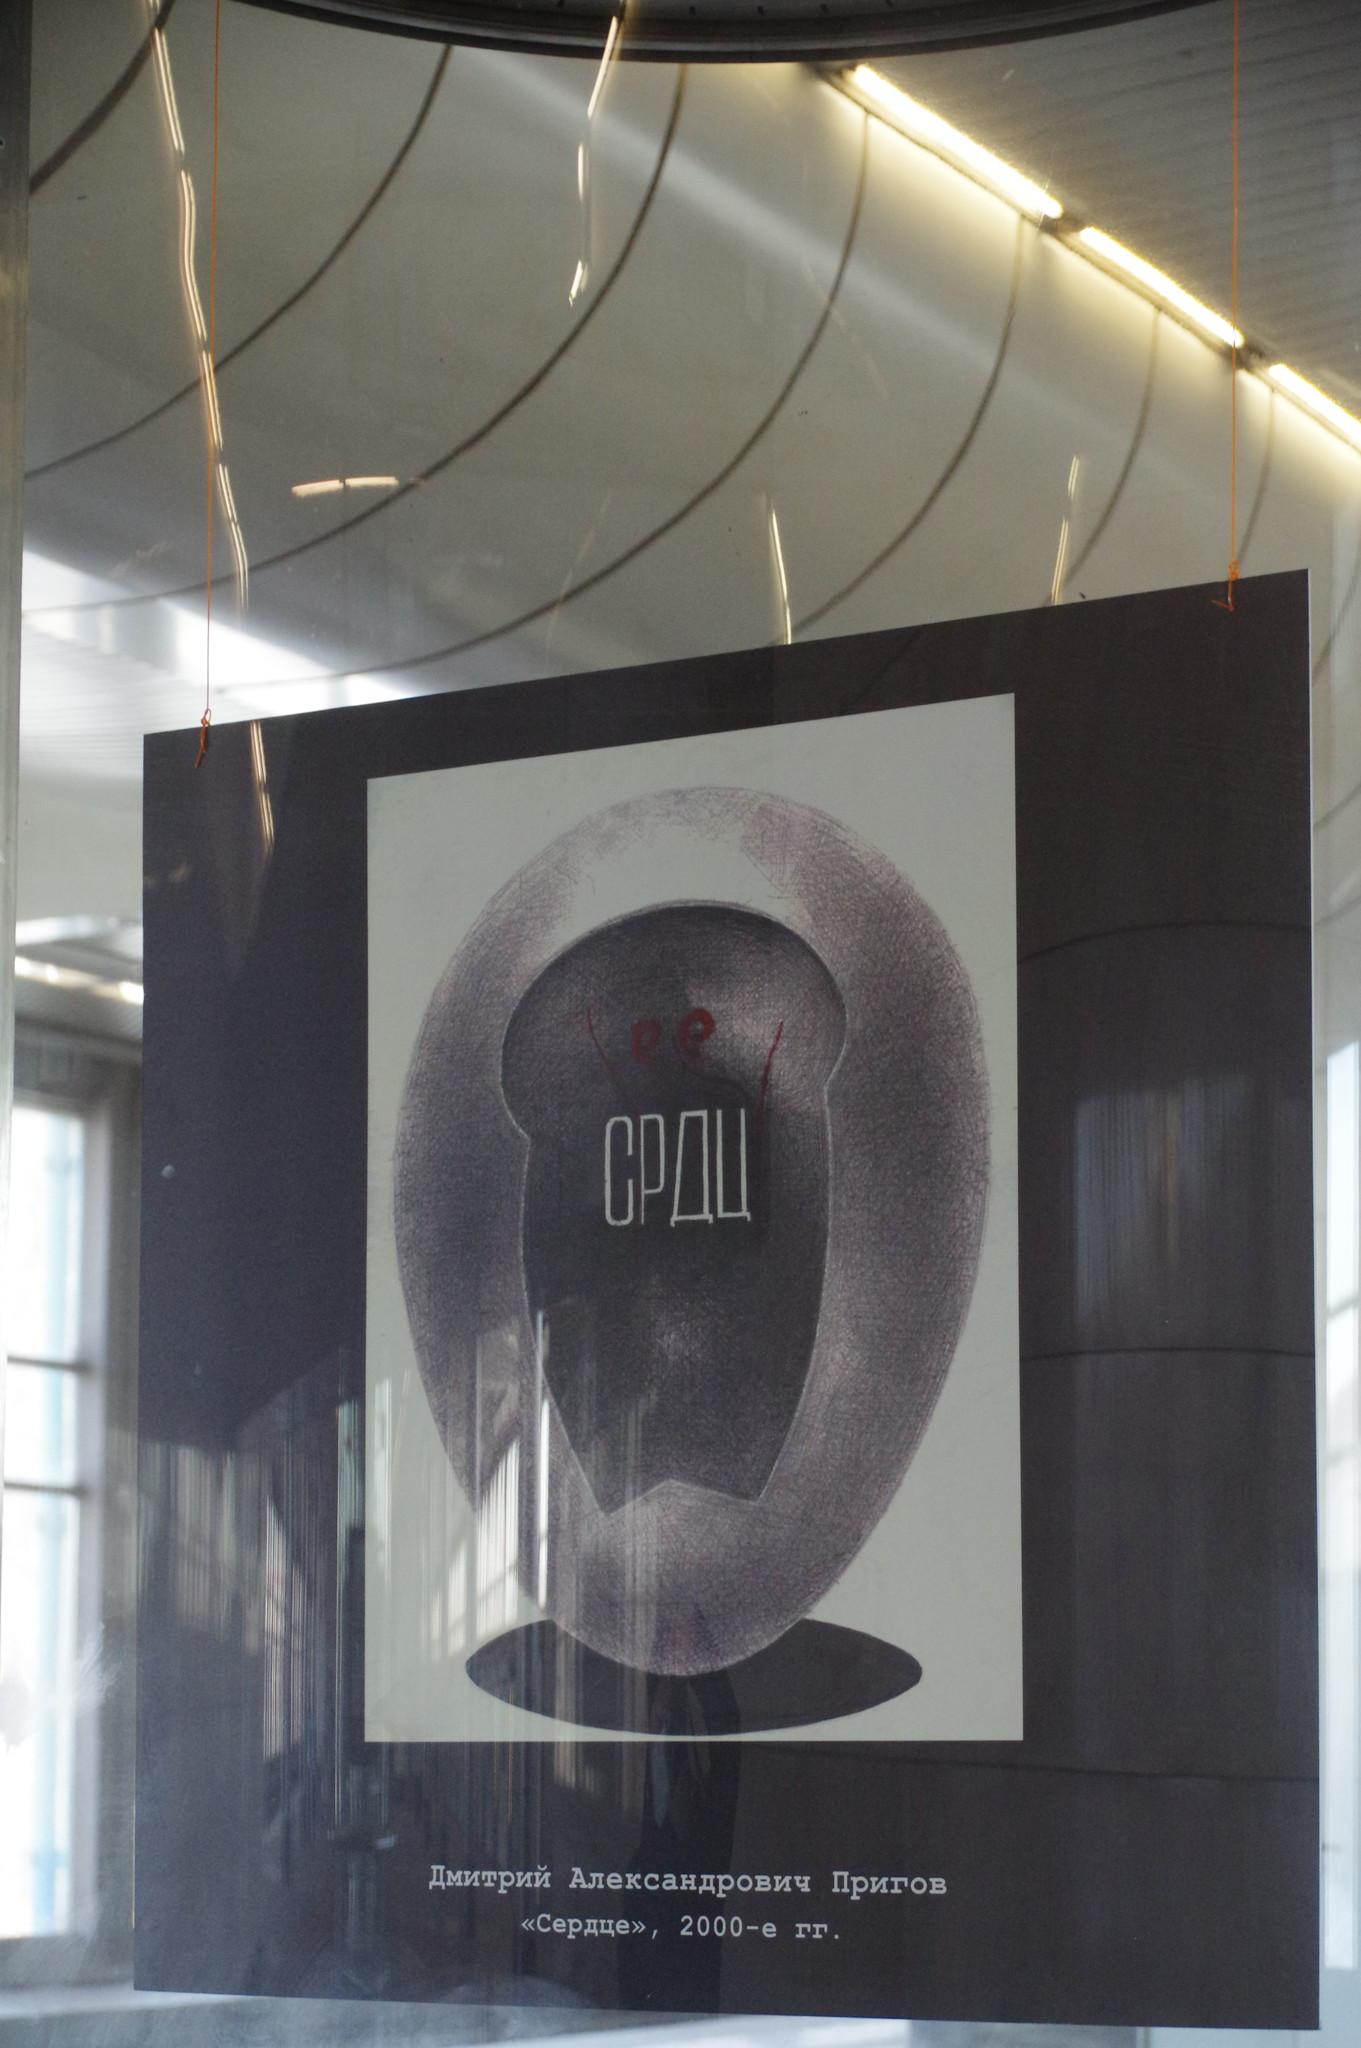 Выставка работ Дмитрия Александровича Пригова «Визуальная составляющая» на станции «Воробьёвы горы» Московского метрополитена